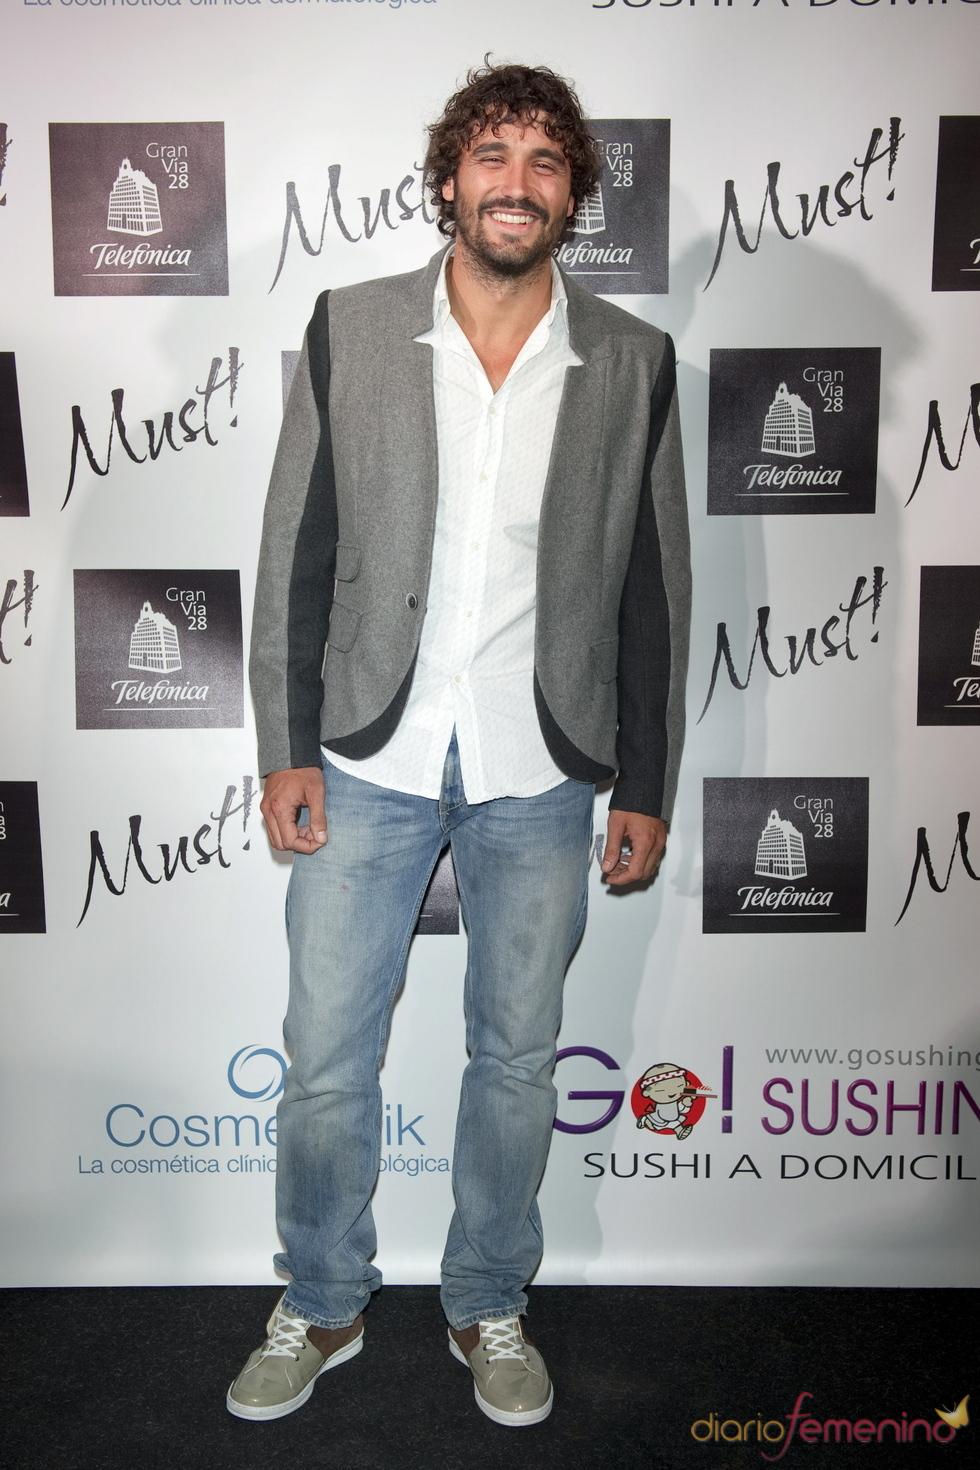 Álex García acude a la gala de los premios Must 2011